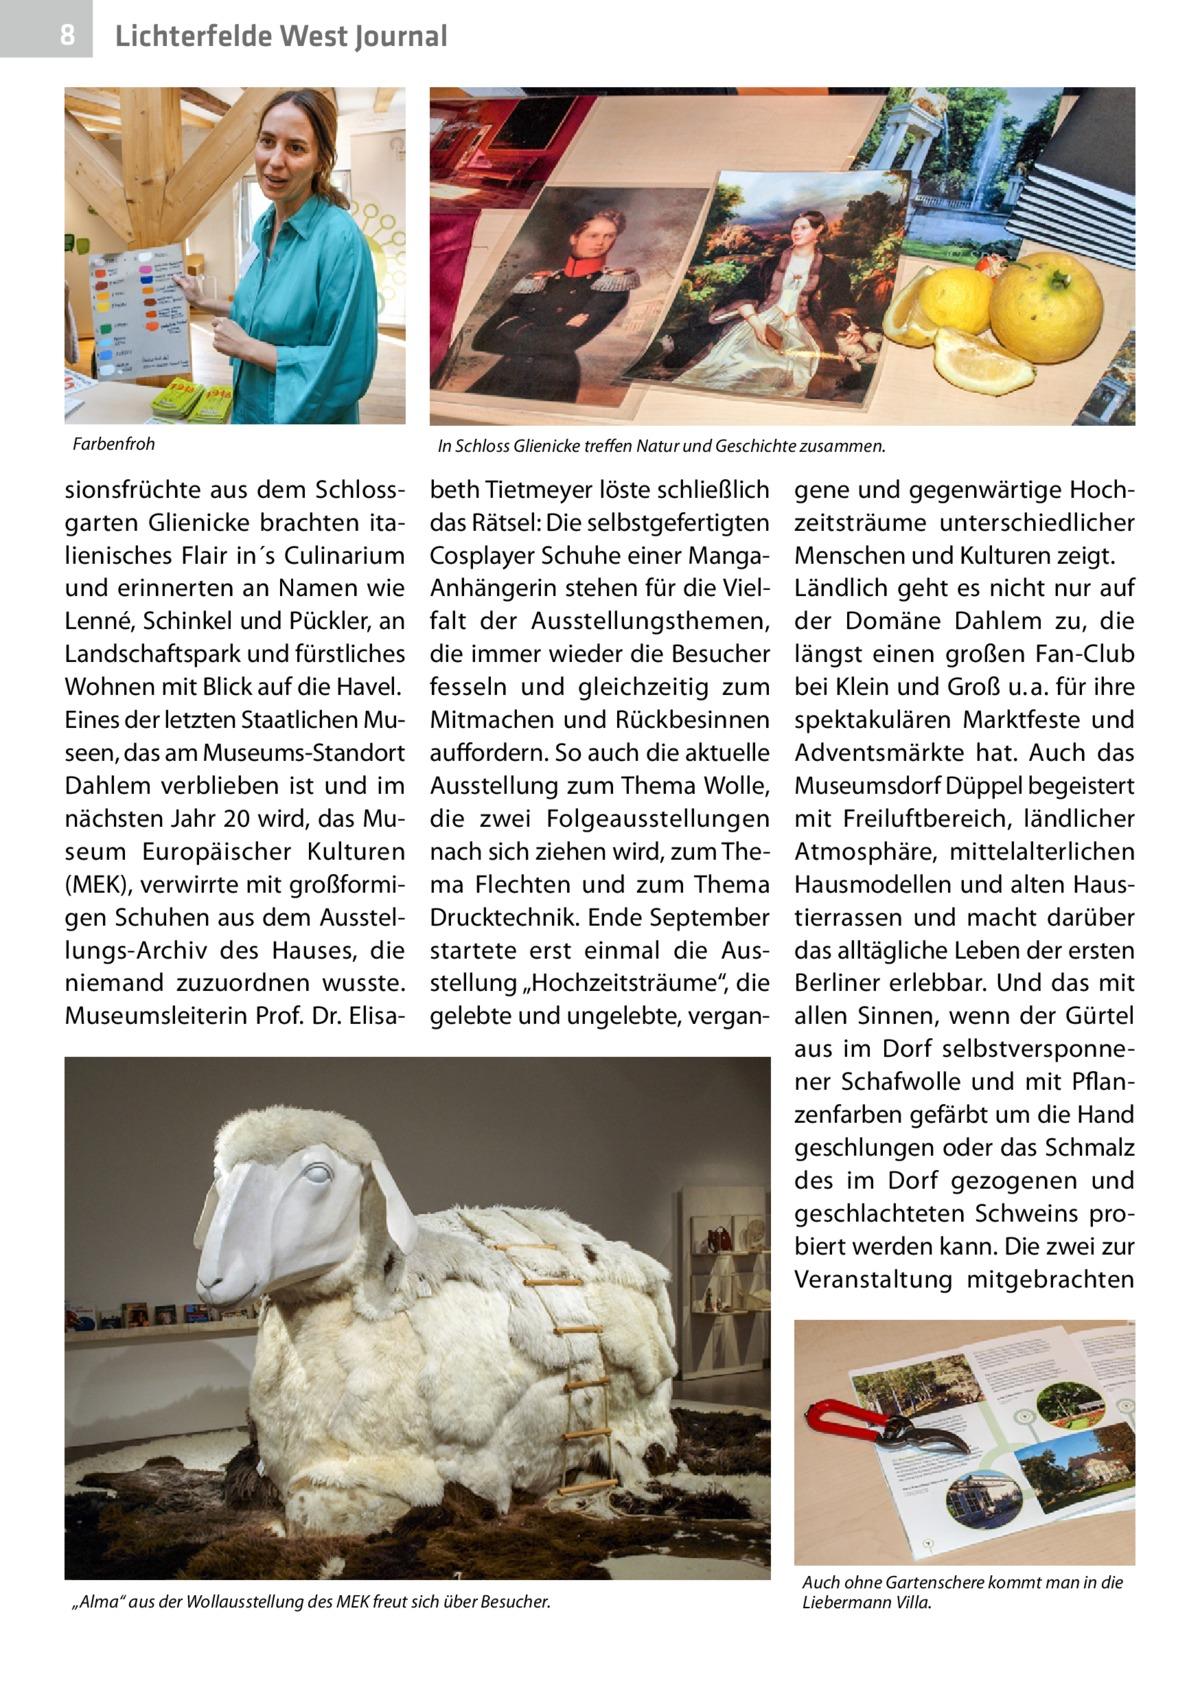 """8  Lichterfelde West Journal  Farbenfroh  sionsfrüchte aus dem Schlossgarten Glienicke brachten italienisches Flair in´s Culinarium und erinnerten an Namen wie Lenné, Schinkel und Pückler, an Landschaftspark und fürstliches Wohnen mit Blick auf die Havel. Eines der letzten Staatlichen Museen, das am Museums-Standort Dahlem verblieben ist und im nächsten Jahr 20 wird, das Museum Europäischer Kulturen (MEK), verwirrte mit großformigen Schuhen aus dem Ausstellungs-Archiv des Hauses, die niemand zuzuordnen wusste. Museumsleiterin Prof.Dr.Elisa In Schloss Glienicke treffen Natur und Geschichte zusammen.  beth Tietmeyer löste schließlich das Rätsel: Die selbstgefertigten Cosplayer Schuhe einer MangaAnhängerin stehen für die Vielfalt der Ausstellungsthemen, die immer wieder die Besucher fesseln und gleichzeitig zum Mitmachen und Rückbesinnen auffordern. So auch die aktuelle Ausstellung zum Thema Wolle, die zwei Folgeausstellungen nach sich ziehen wird, zum Thema Flechten und zum Thema Drucktechnik. Ende September startete erst einmal die Ausstellung """"Hochzeitsträume"""", die gelebte und ungelebte, vergan """"Alma"""" aus der Wollausstellung des MEK freut sich über Besucher.  gene und gegenwärtige Hochzeitsträume unterschiedlicher Menschen und Kulturen zeigt. Ländlich geht es nicht nur auf der Domäne Dahlem zu, die längst einen großen Fan-Club bei Klein und Groß u.a. für ihre spektakulären Marktfeste und Adventsmärkte hat. Auch das Museumsdorf Düppel begeistert mit Freiluftbereich, ländlicher Atmosphäre, mittelalterlichen Hausmodellen und alten Haustierrassen und macht darüber das alltägliche Leben der ersten Berliner erlebbar. Und das mit allen Sinnen, wenn der Gürtel aus im Dorf selbstversponnener Schafwolle und mit Pflanzenfarben gefärbt um die Hand geschlungen oder das Schmalz des im Dorf gezogenen und geschlachteten Schweins probiert werden kann. Die zwei zur Veranstaltung mitgebrachten  Auch ohne Gartenschere kommt man in die Liebermann Villa."""